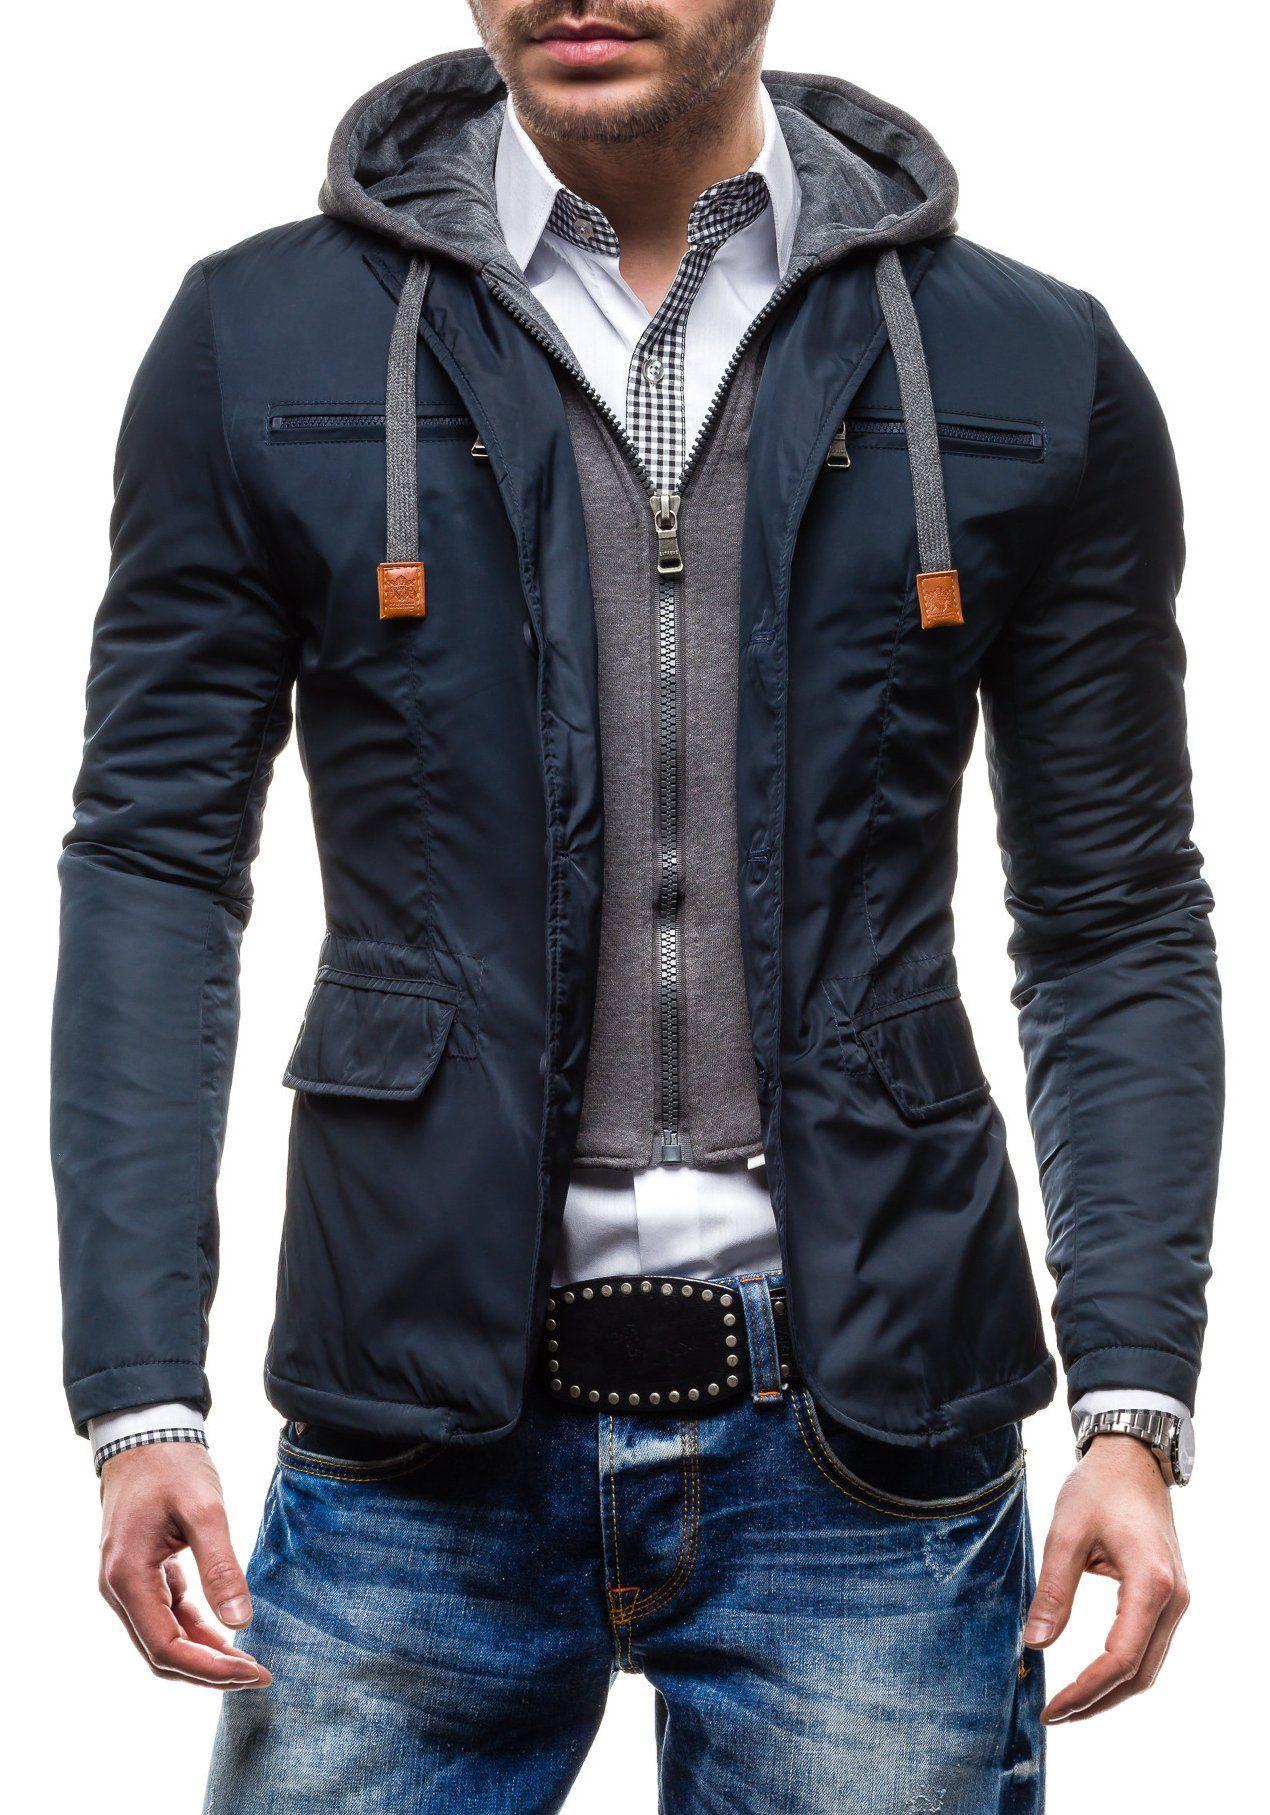 Extreme Men S Jacket Coat Sweatshirt Blazer Hoodie Slim Fit Leisure 07 Amazon Co Uk Clothing Mode Homme Jeans Habillement Homme Styles De Mode Pour Hommes [ 1815 x 1270 Pixel ]